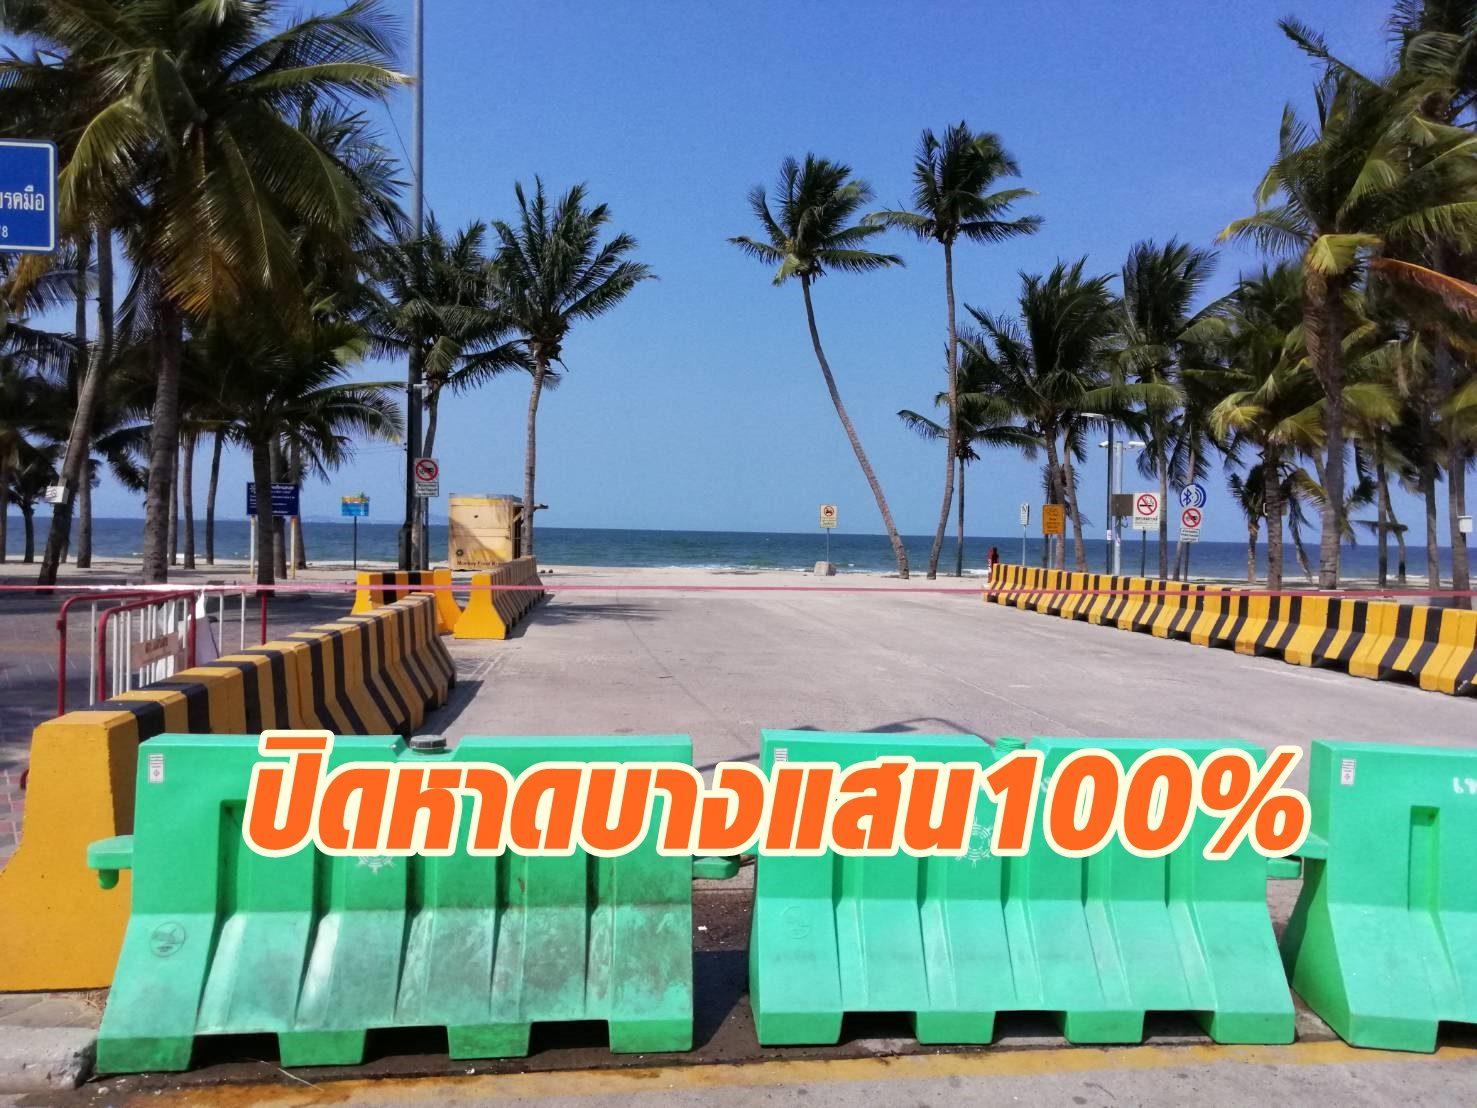 """ปิดหาดบางแสน 100% ห้ามลงเล่นน้ำ หรือกินอาหารร่วมกัน ป้องกันการแพร่ """"โควิด-19"""""""